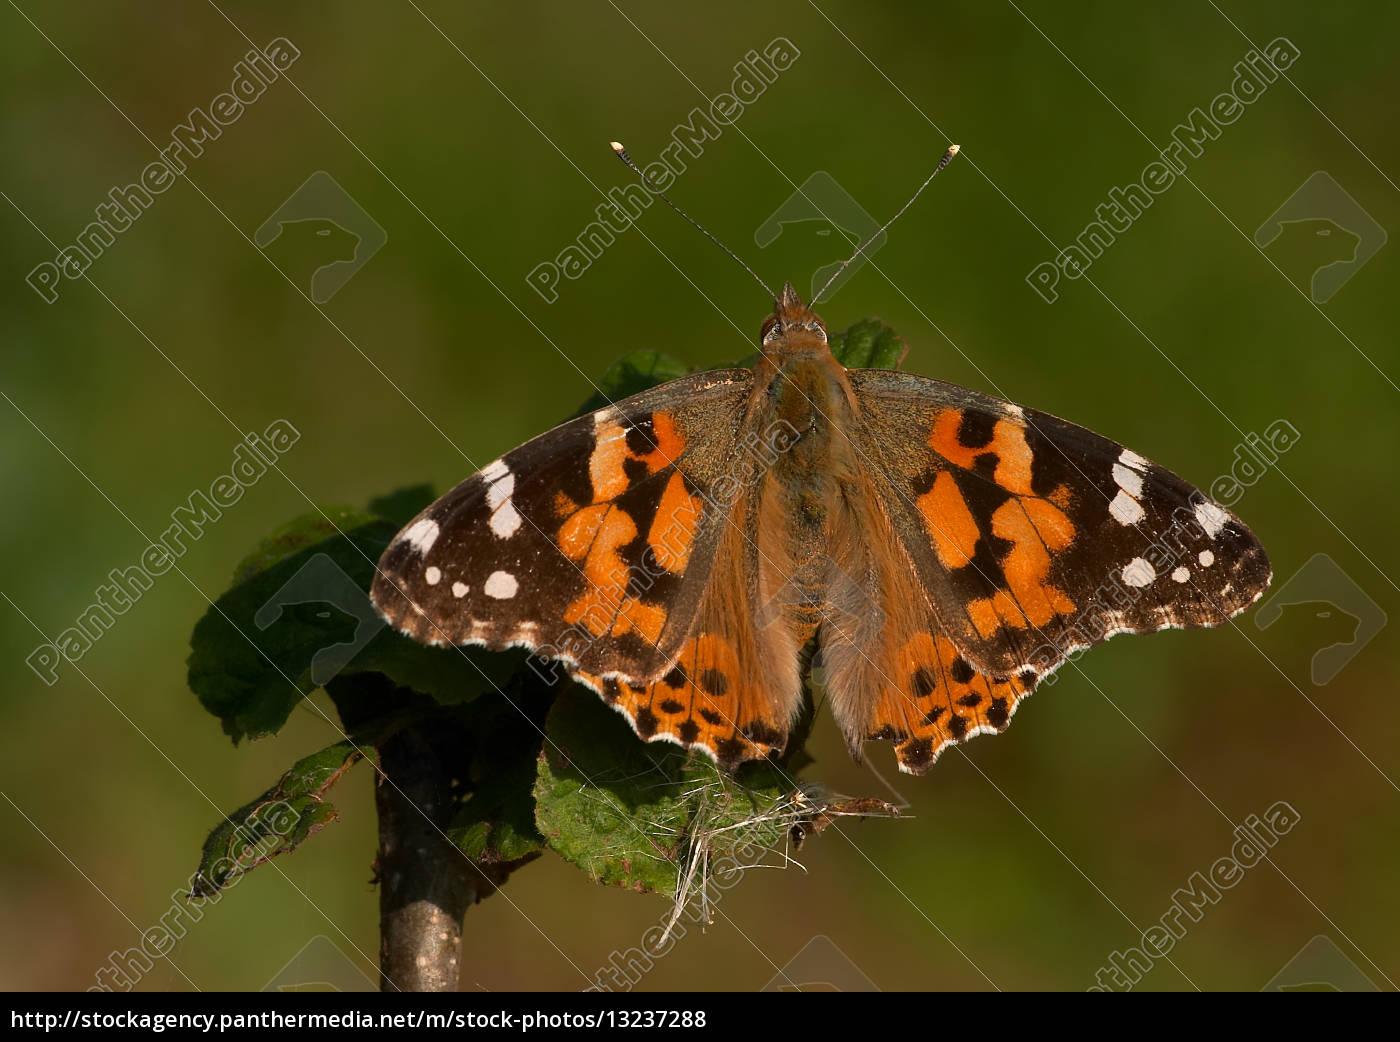 Lizenzfreies Foto 13237288 - Schmetterling Insekt Schmetterlinge Insekten  Falter verwandt mit Schmetterling Insekt